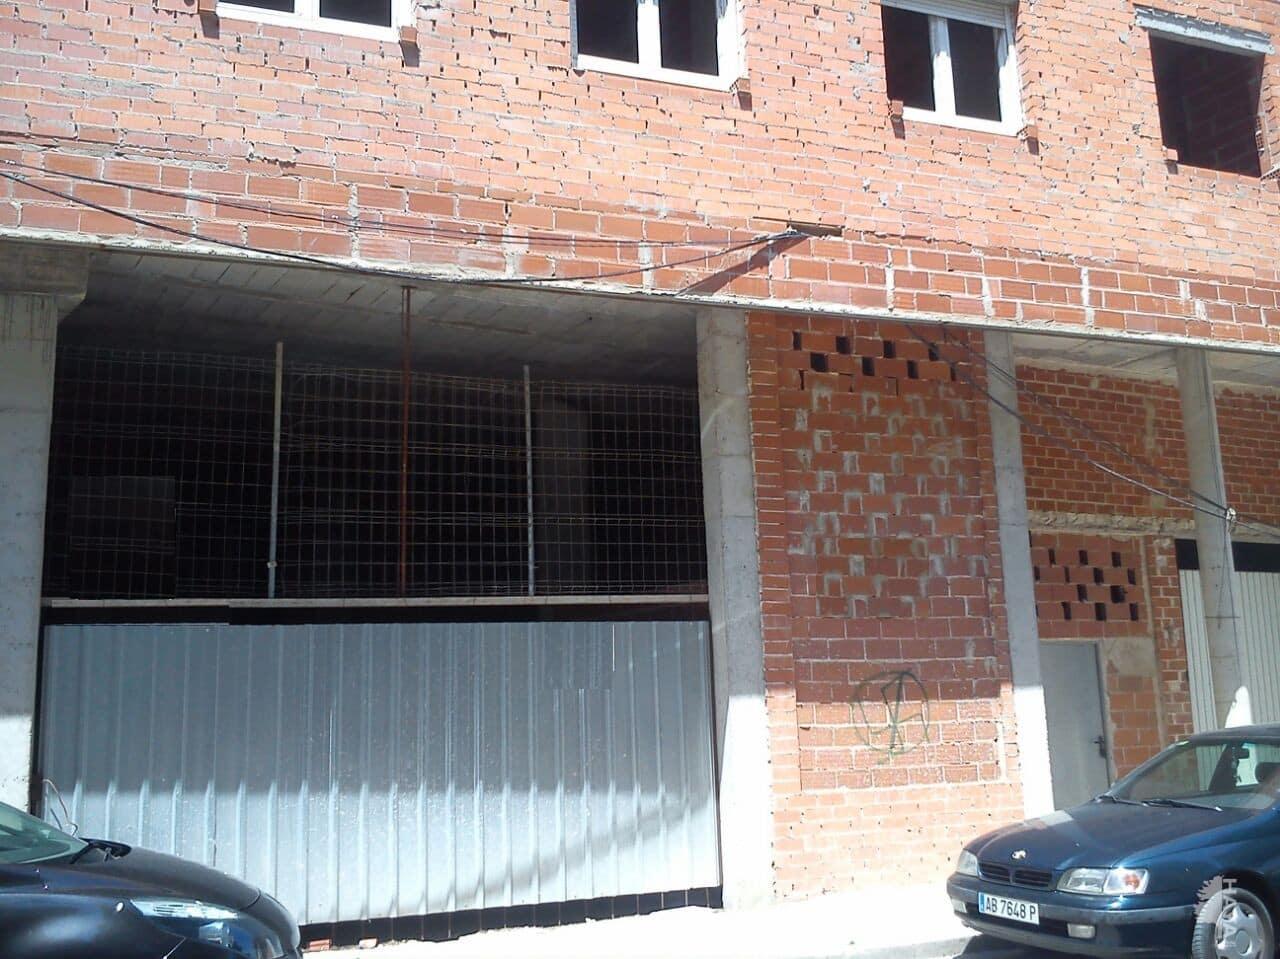 Piso en venta en La Roda, la Roda, Albacete, Calle Juan Garcia Glz, 34.600 €, 1 habitación, 1 baño, 79 m2